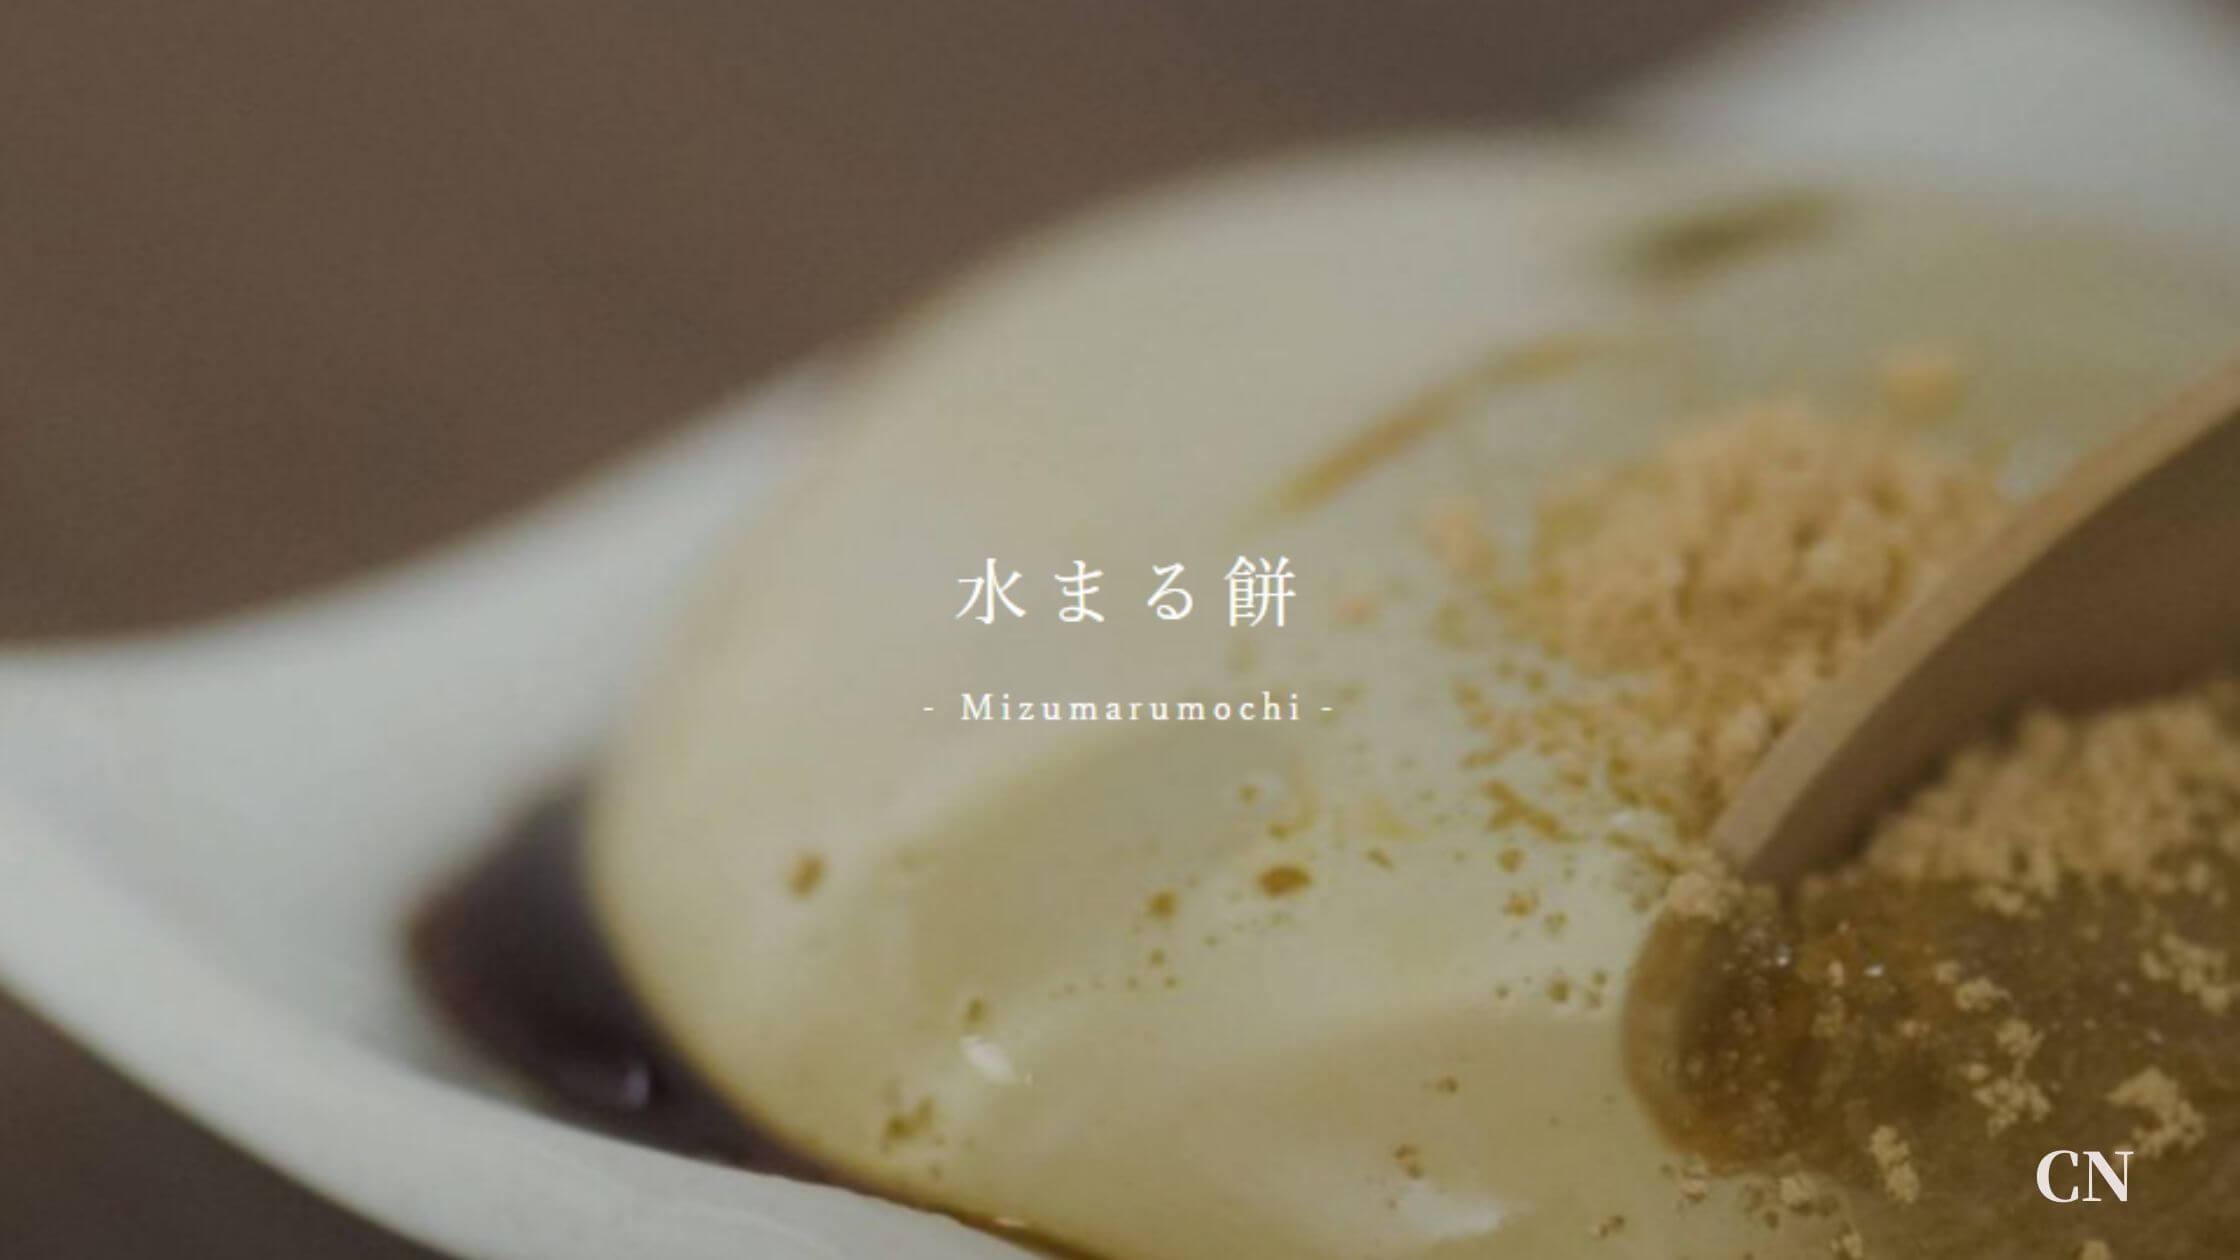 【口コミ】水まる餅は美味しい?値段は高い?お取り寄せした感想をレビュー